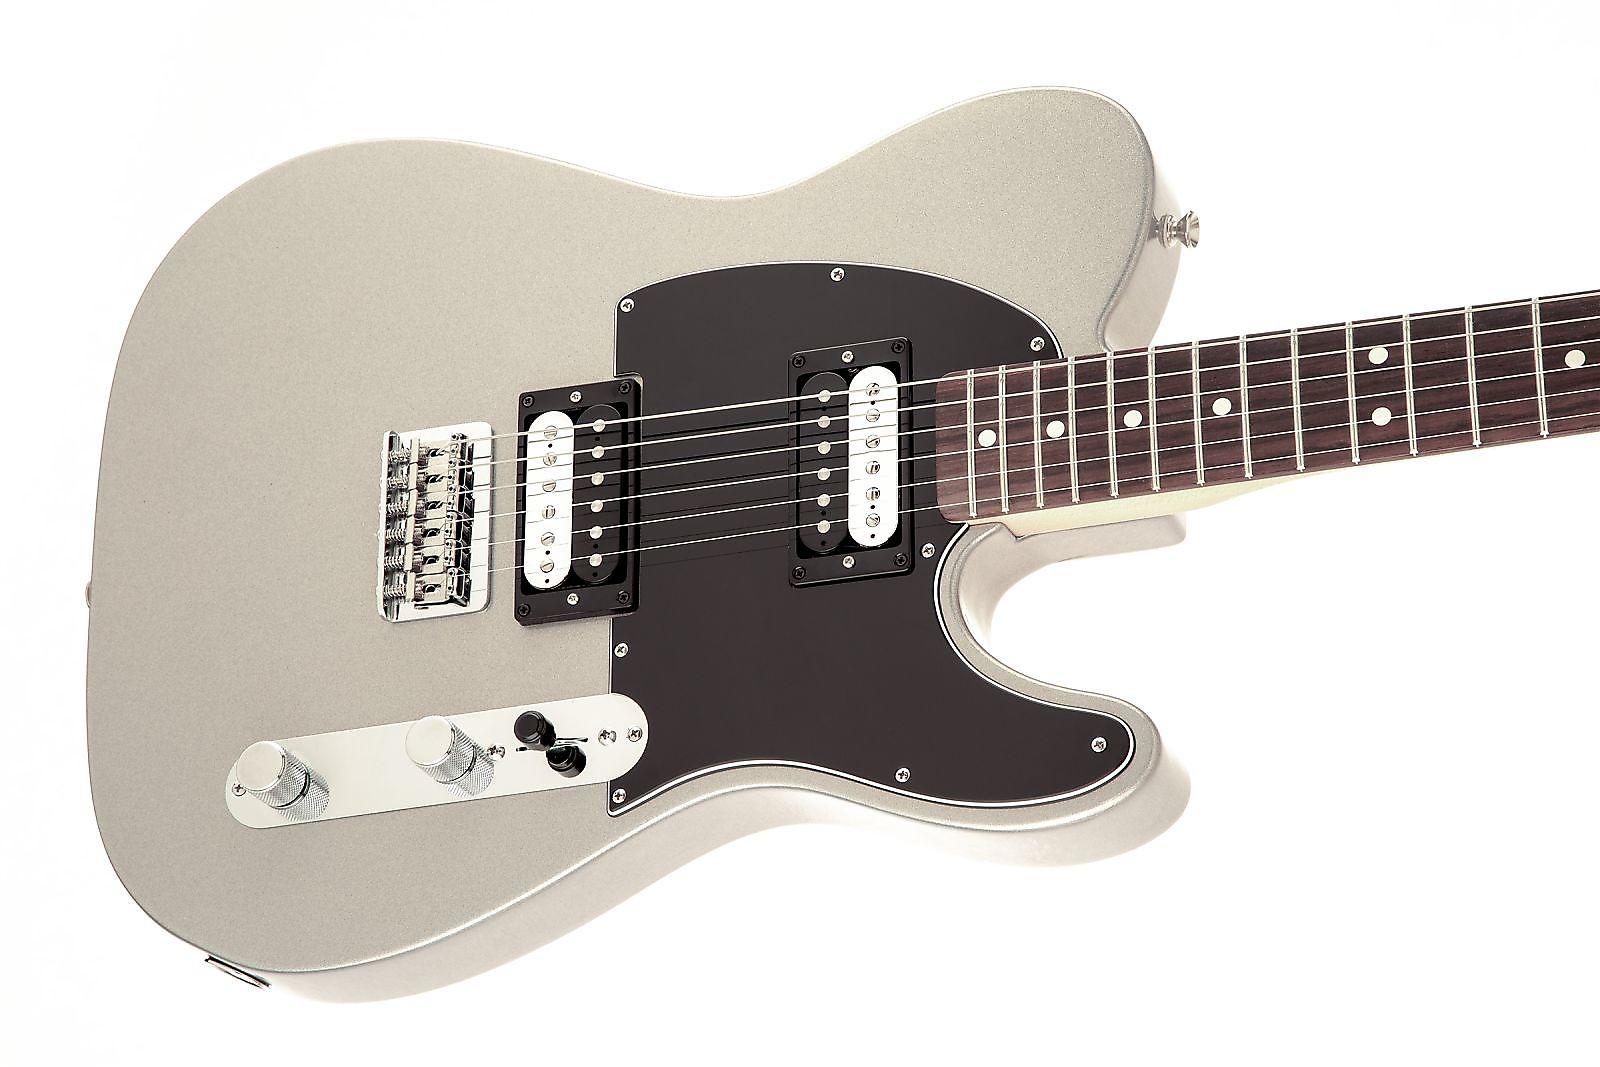 fender standard telecaster hh ghost silver 2016 reverb. Black Bedroom Furniture Sets. Home Design Ideas